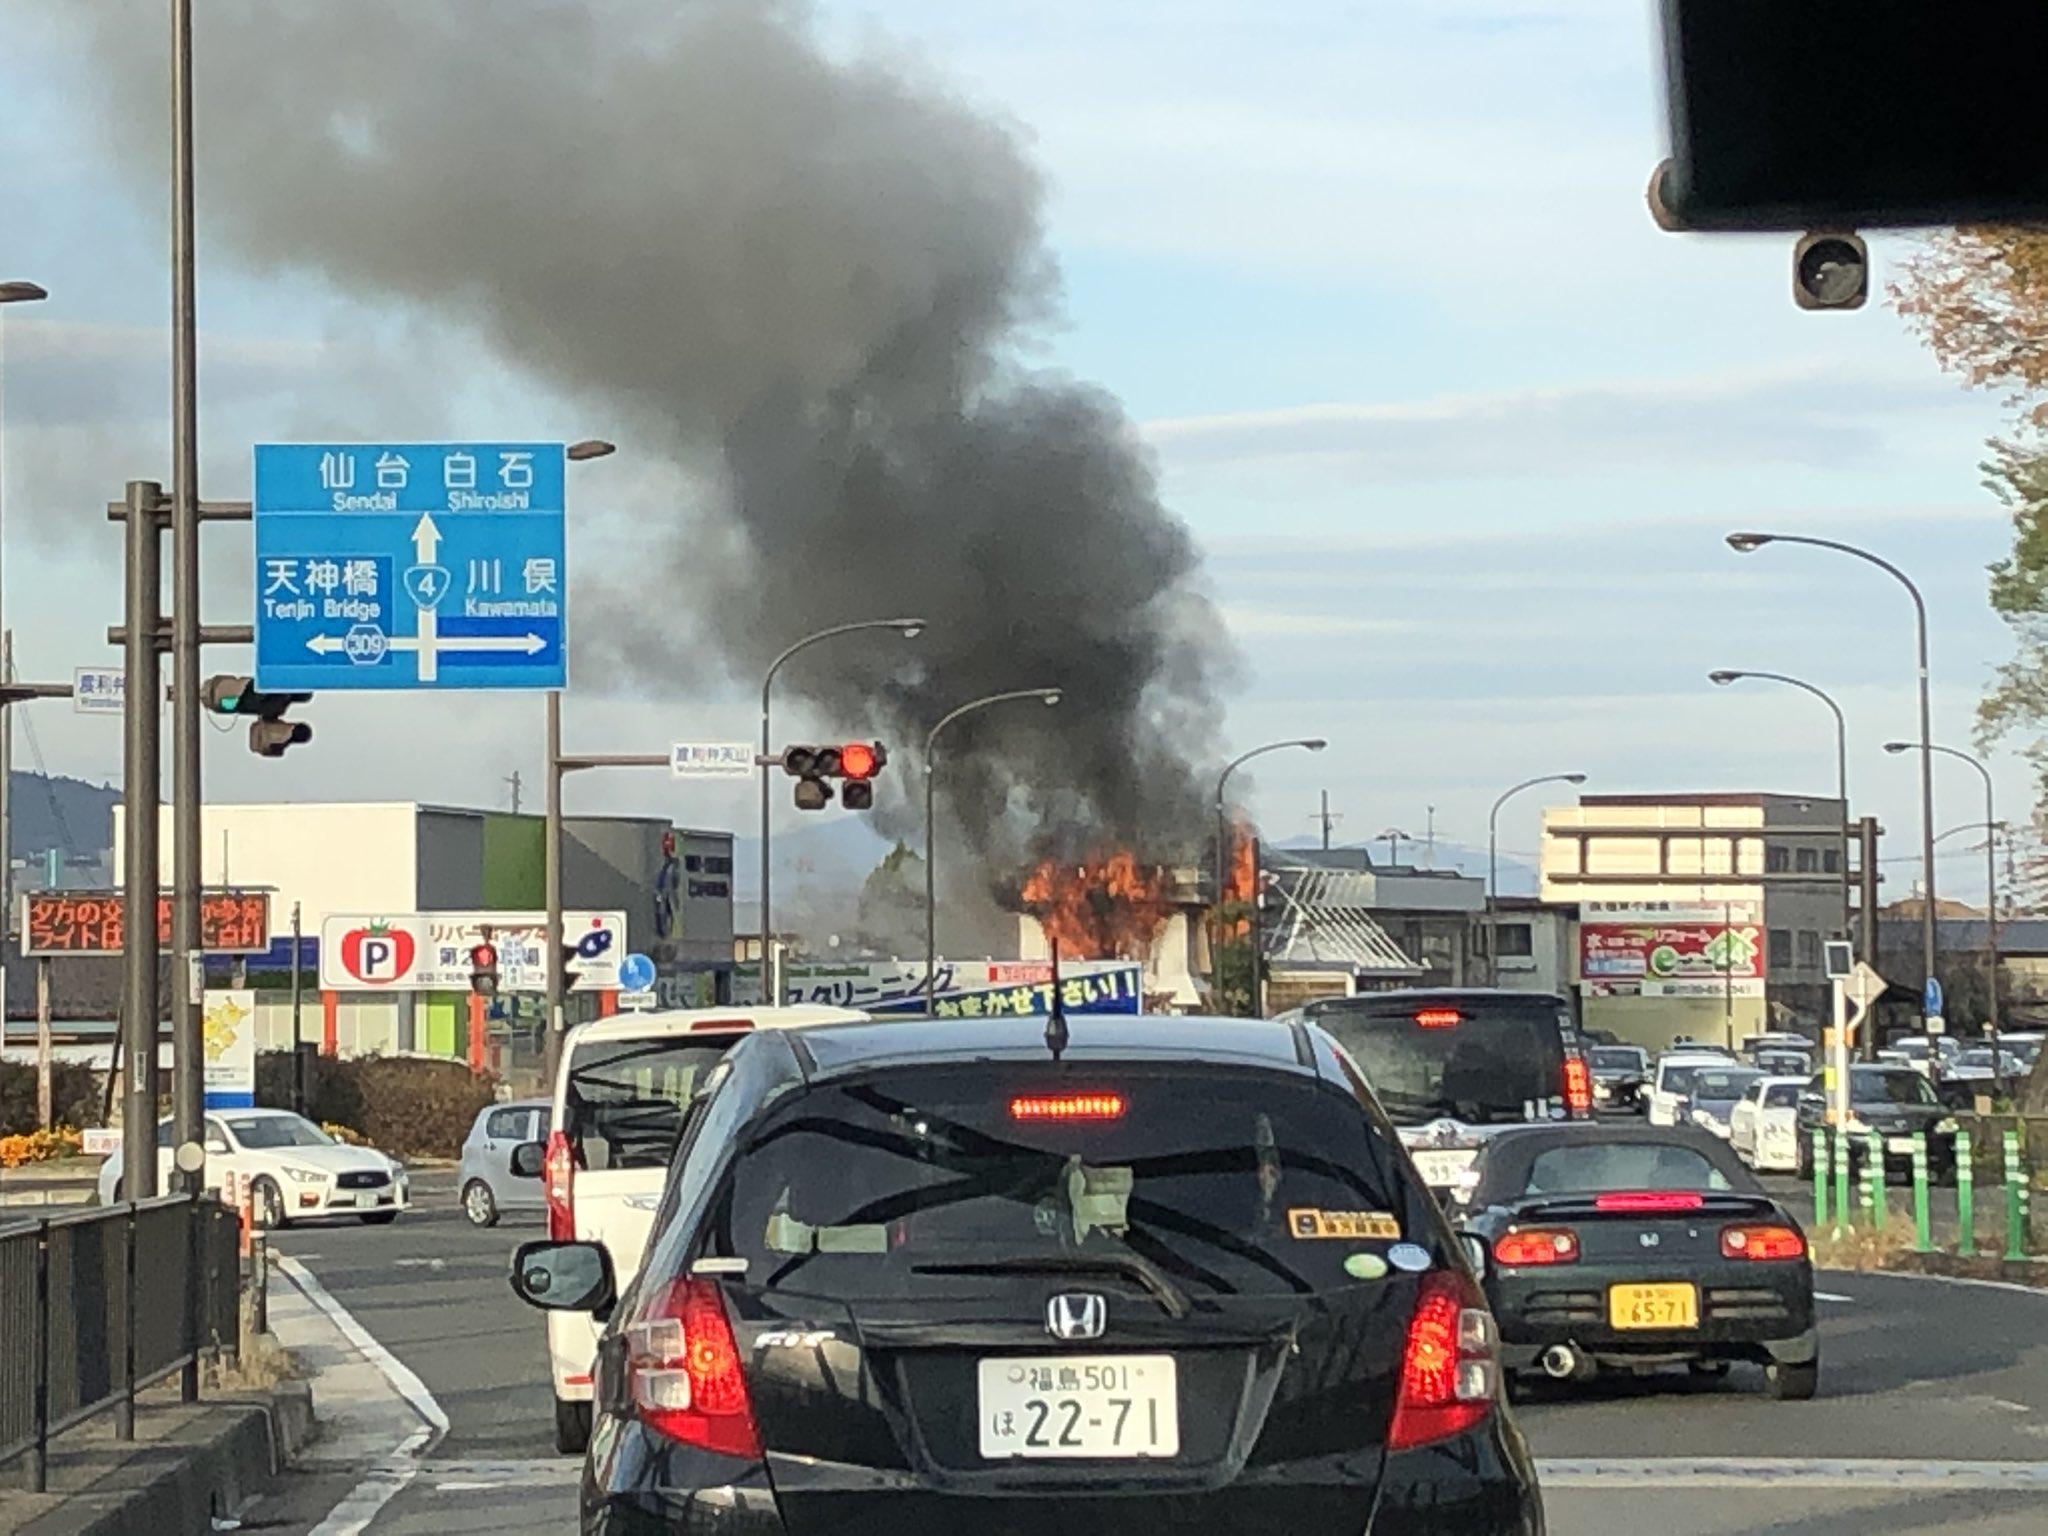 福島市のサリバンが全焼する勢いで炎上している火災現場の画像